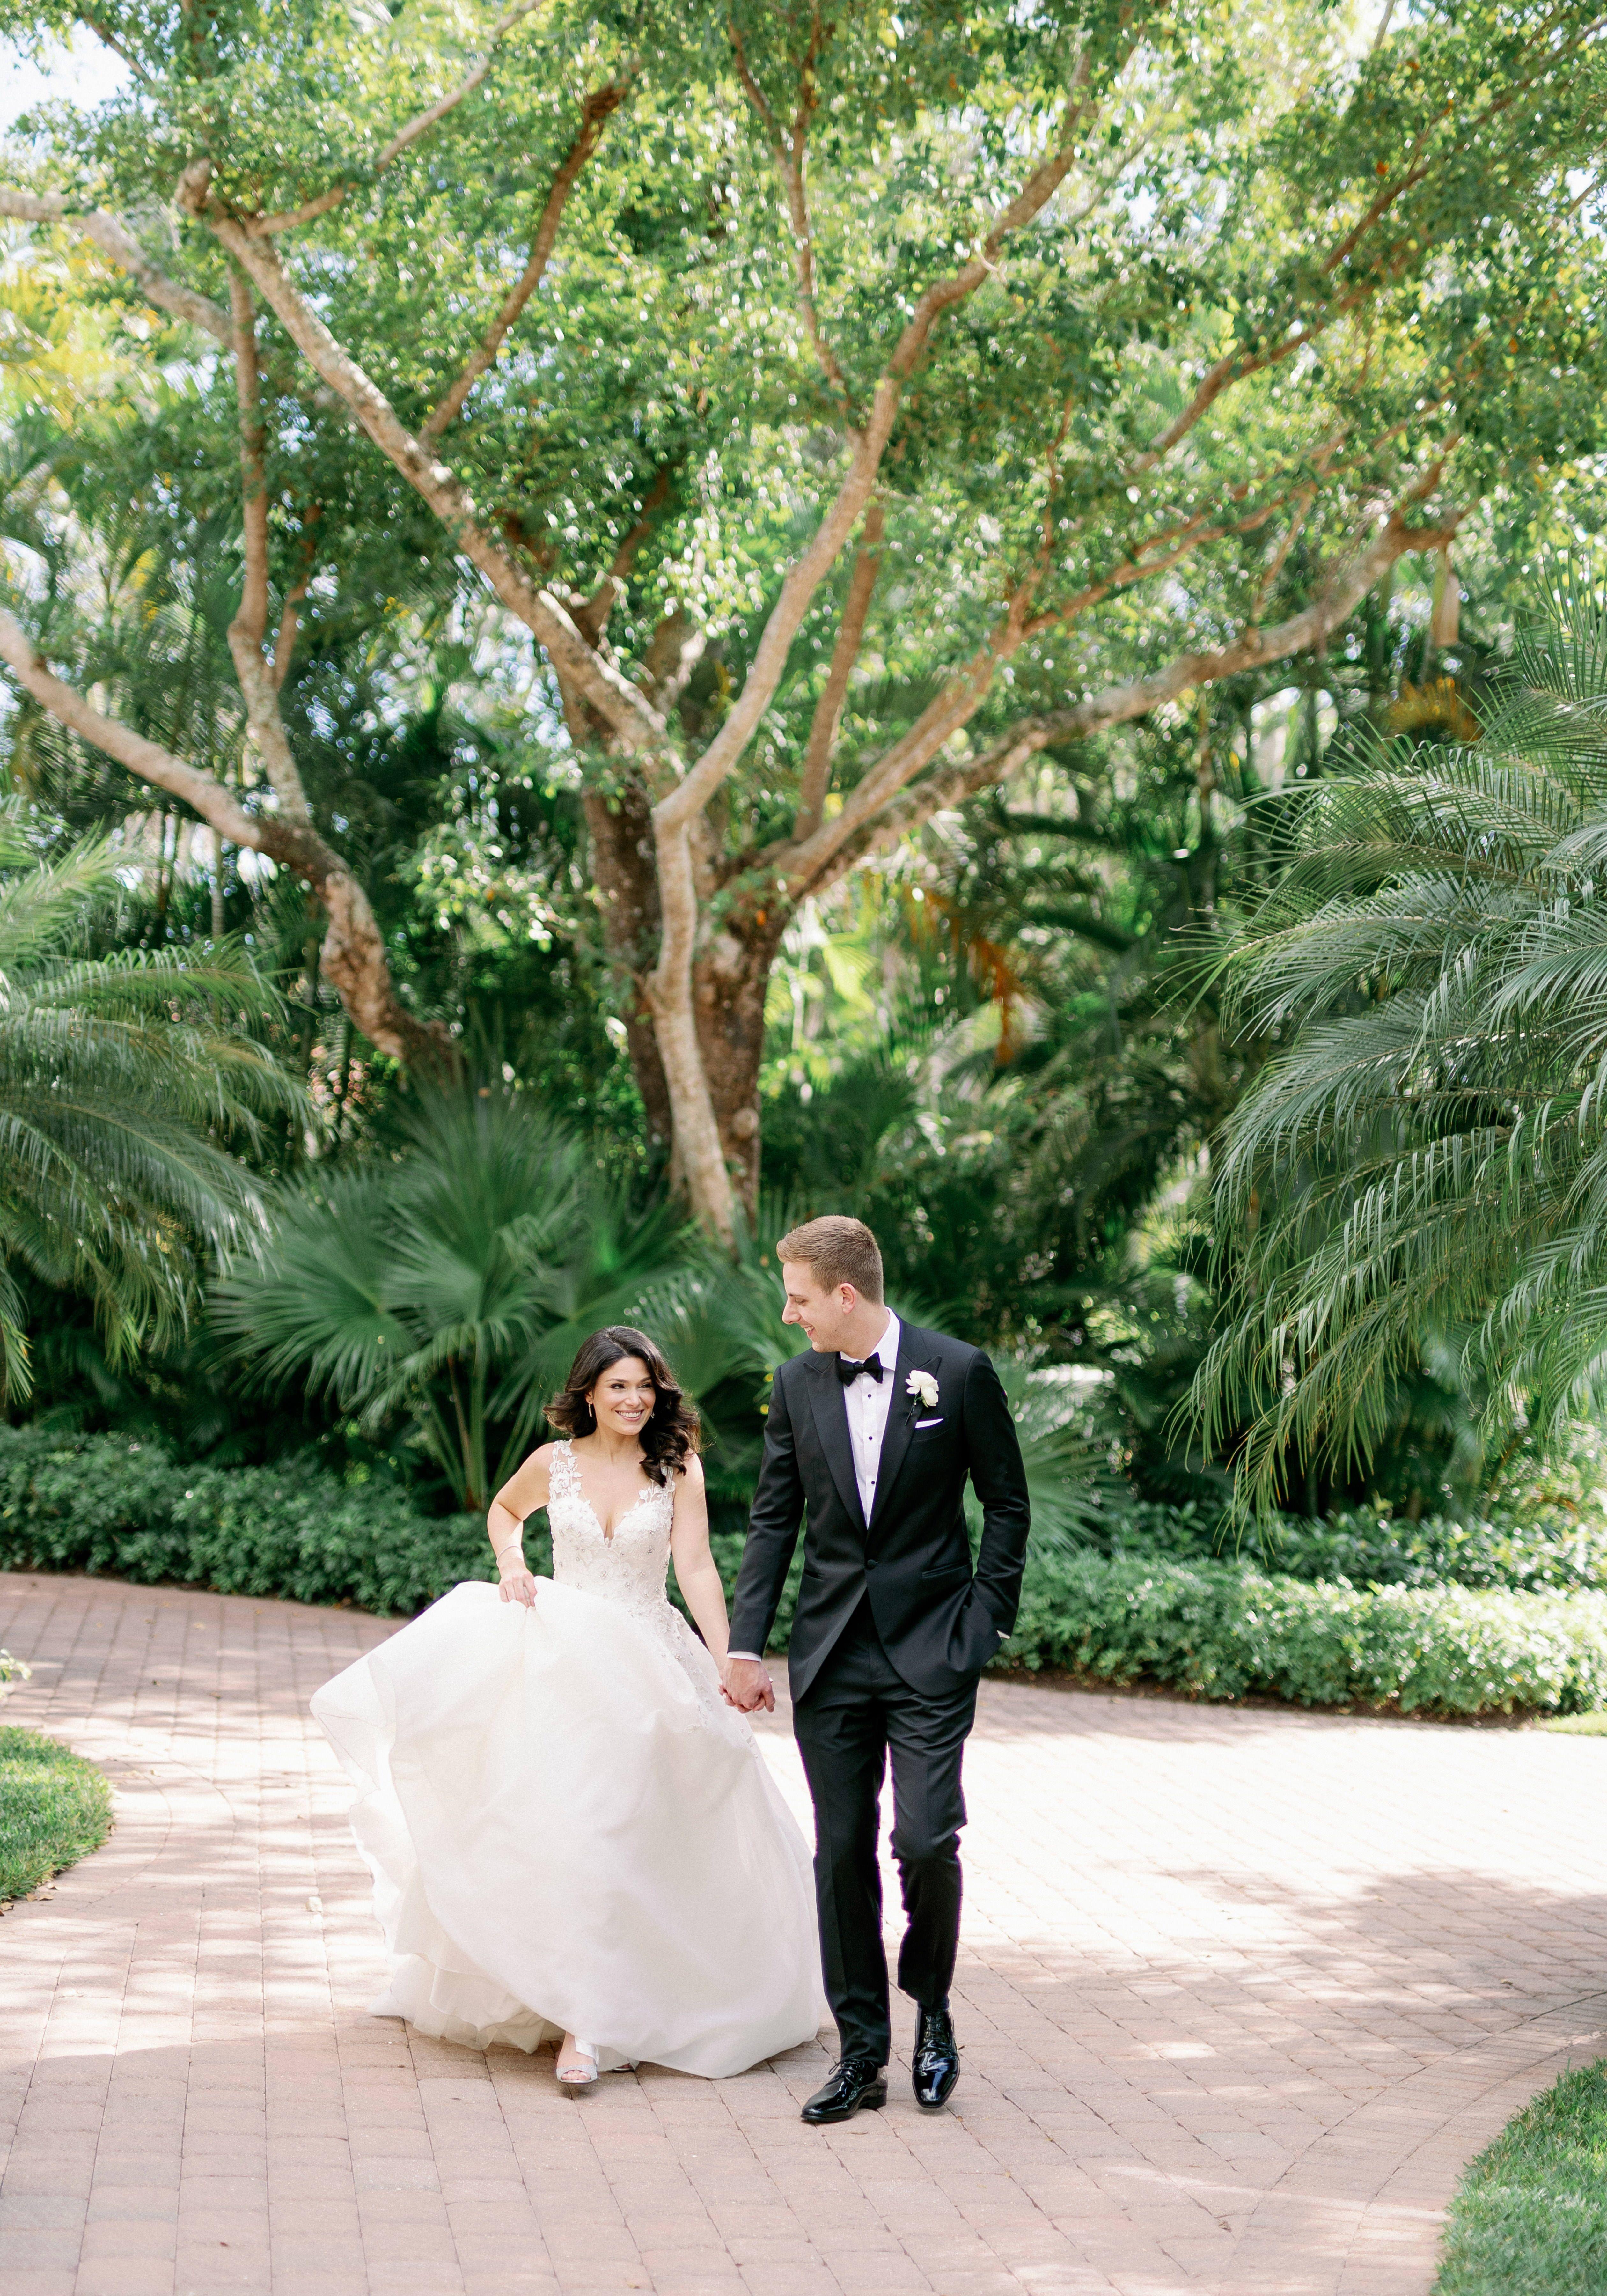 First Look In 2020 Destination Wedding Planner Destination Wedding Port Royal